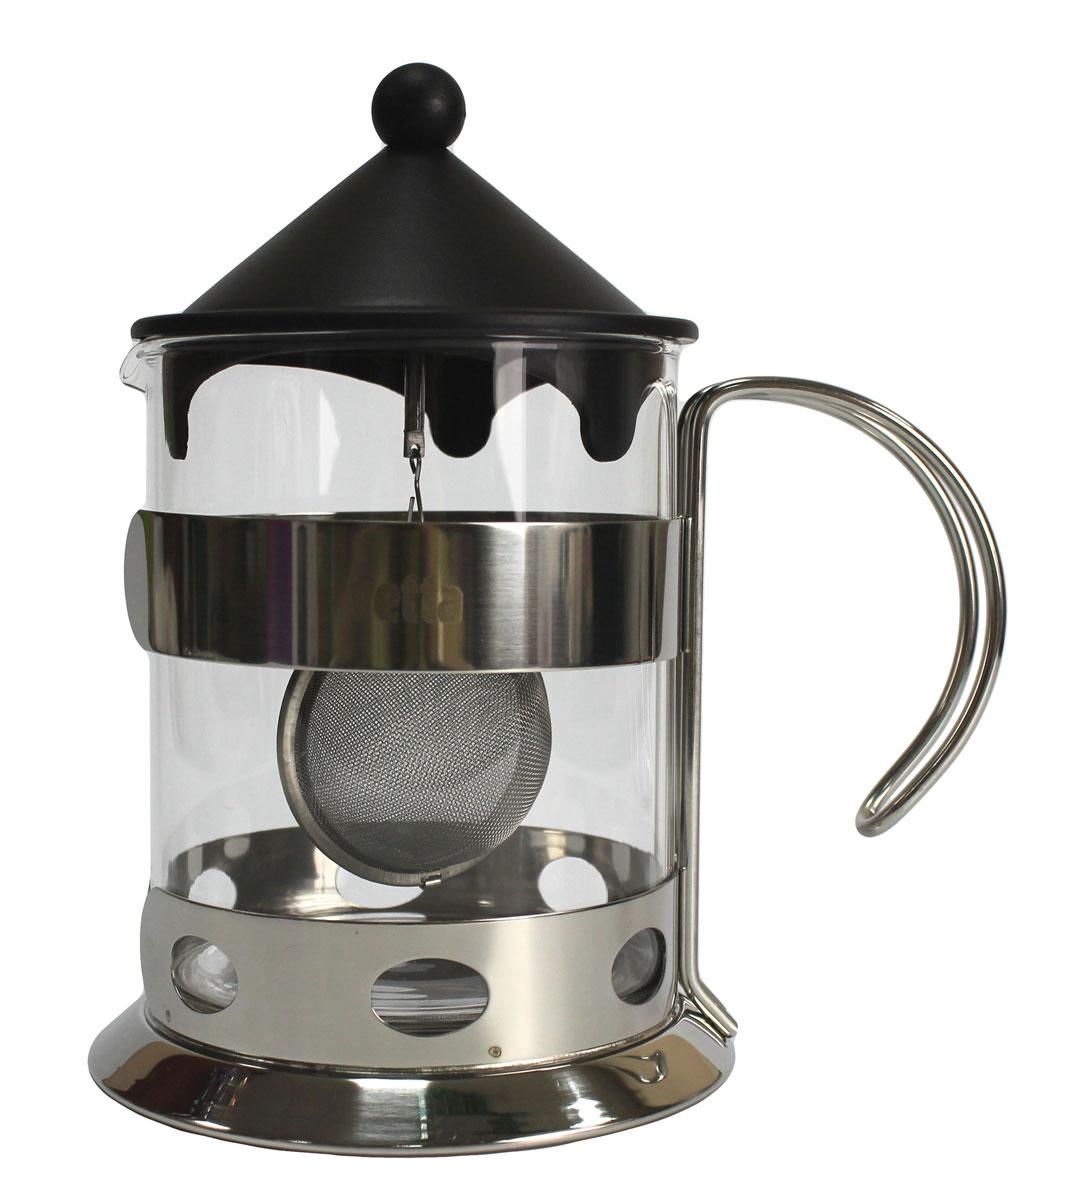 Чайник заварочный Vetta, 1,2 л850132Заварочный чайник Vetta из нержавеющей стали, стекла и силикона. Легкий, прочный. Хорошо впишется в любой интерьер. Удобный в применении.